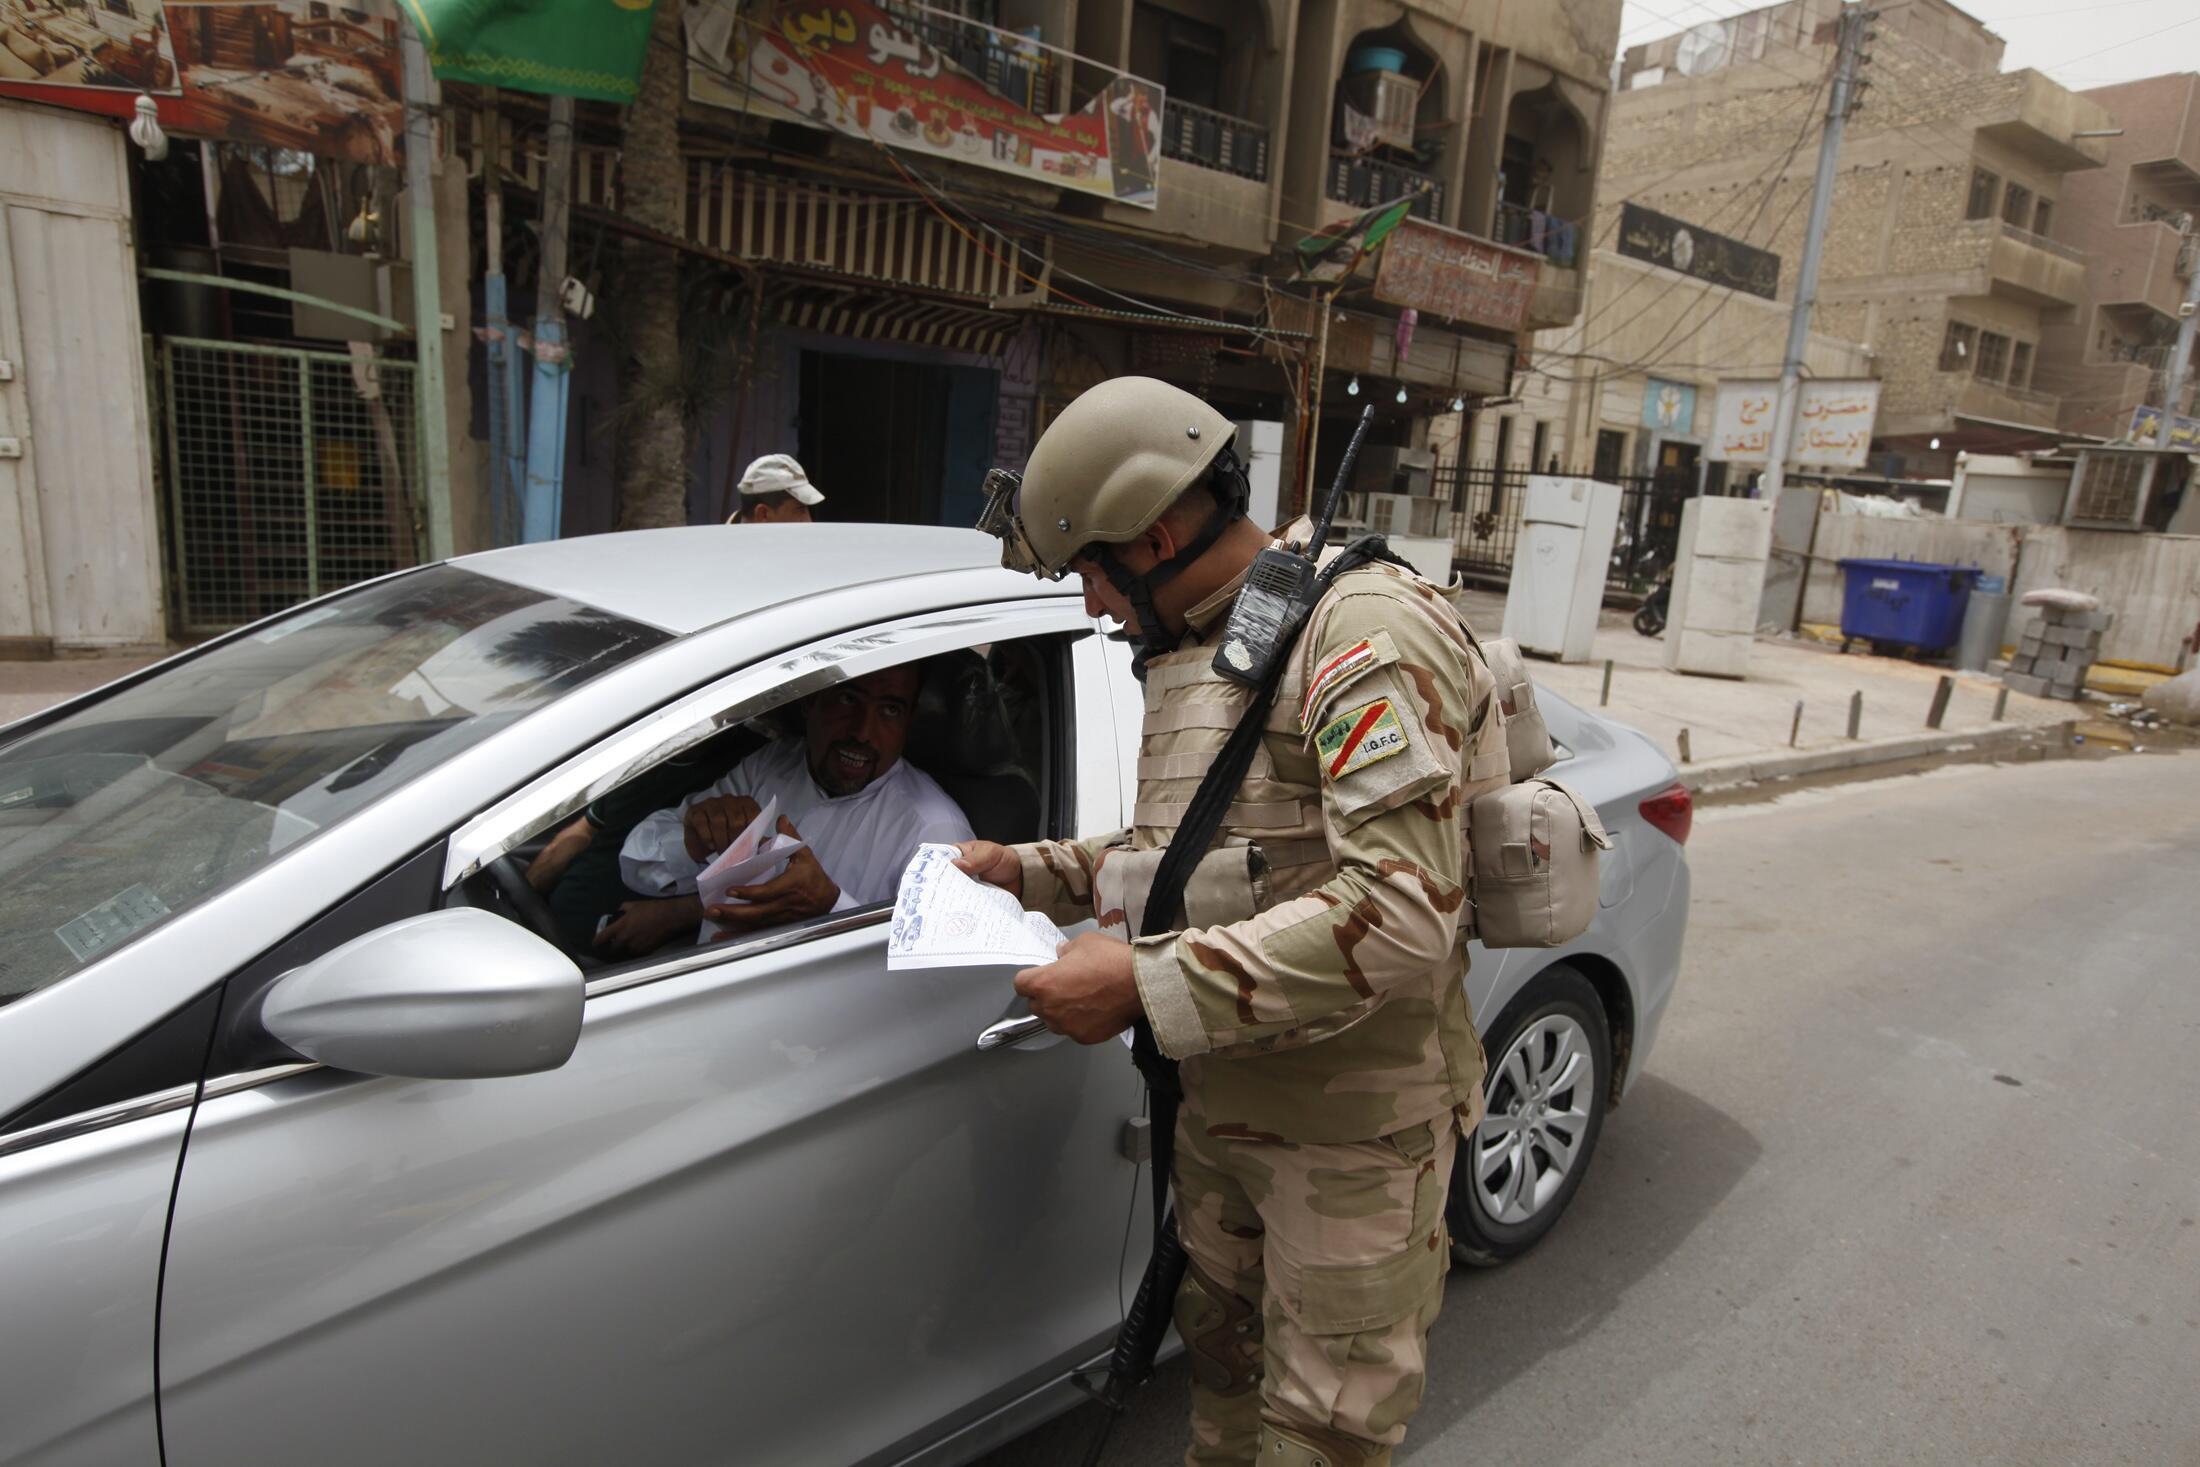 Un soldat irakien contrôle un véhicule dans Bagdad le 11 juin 2014 à un barrage routier.